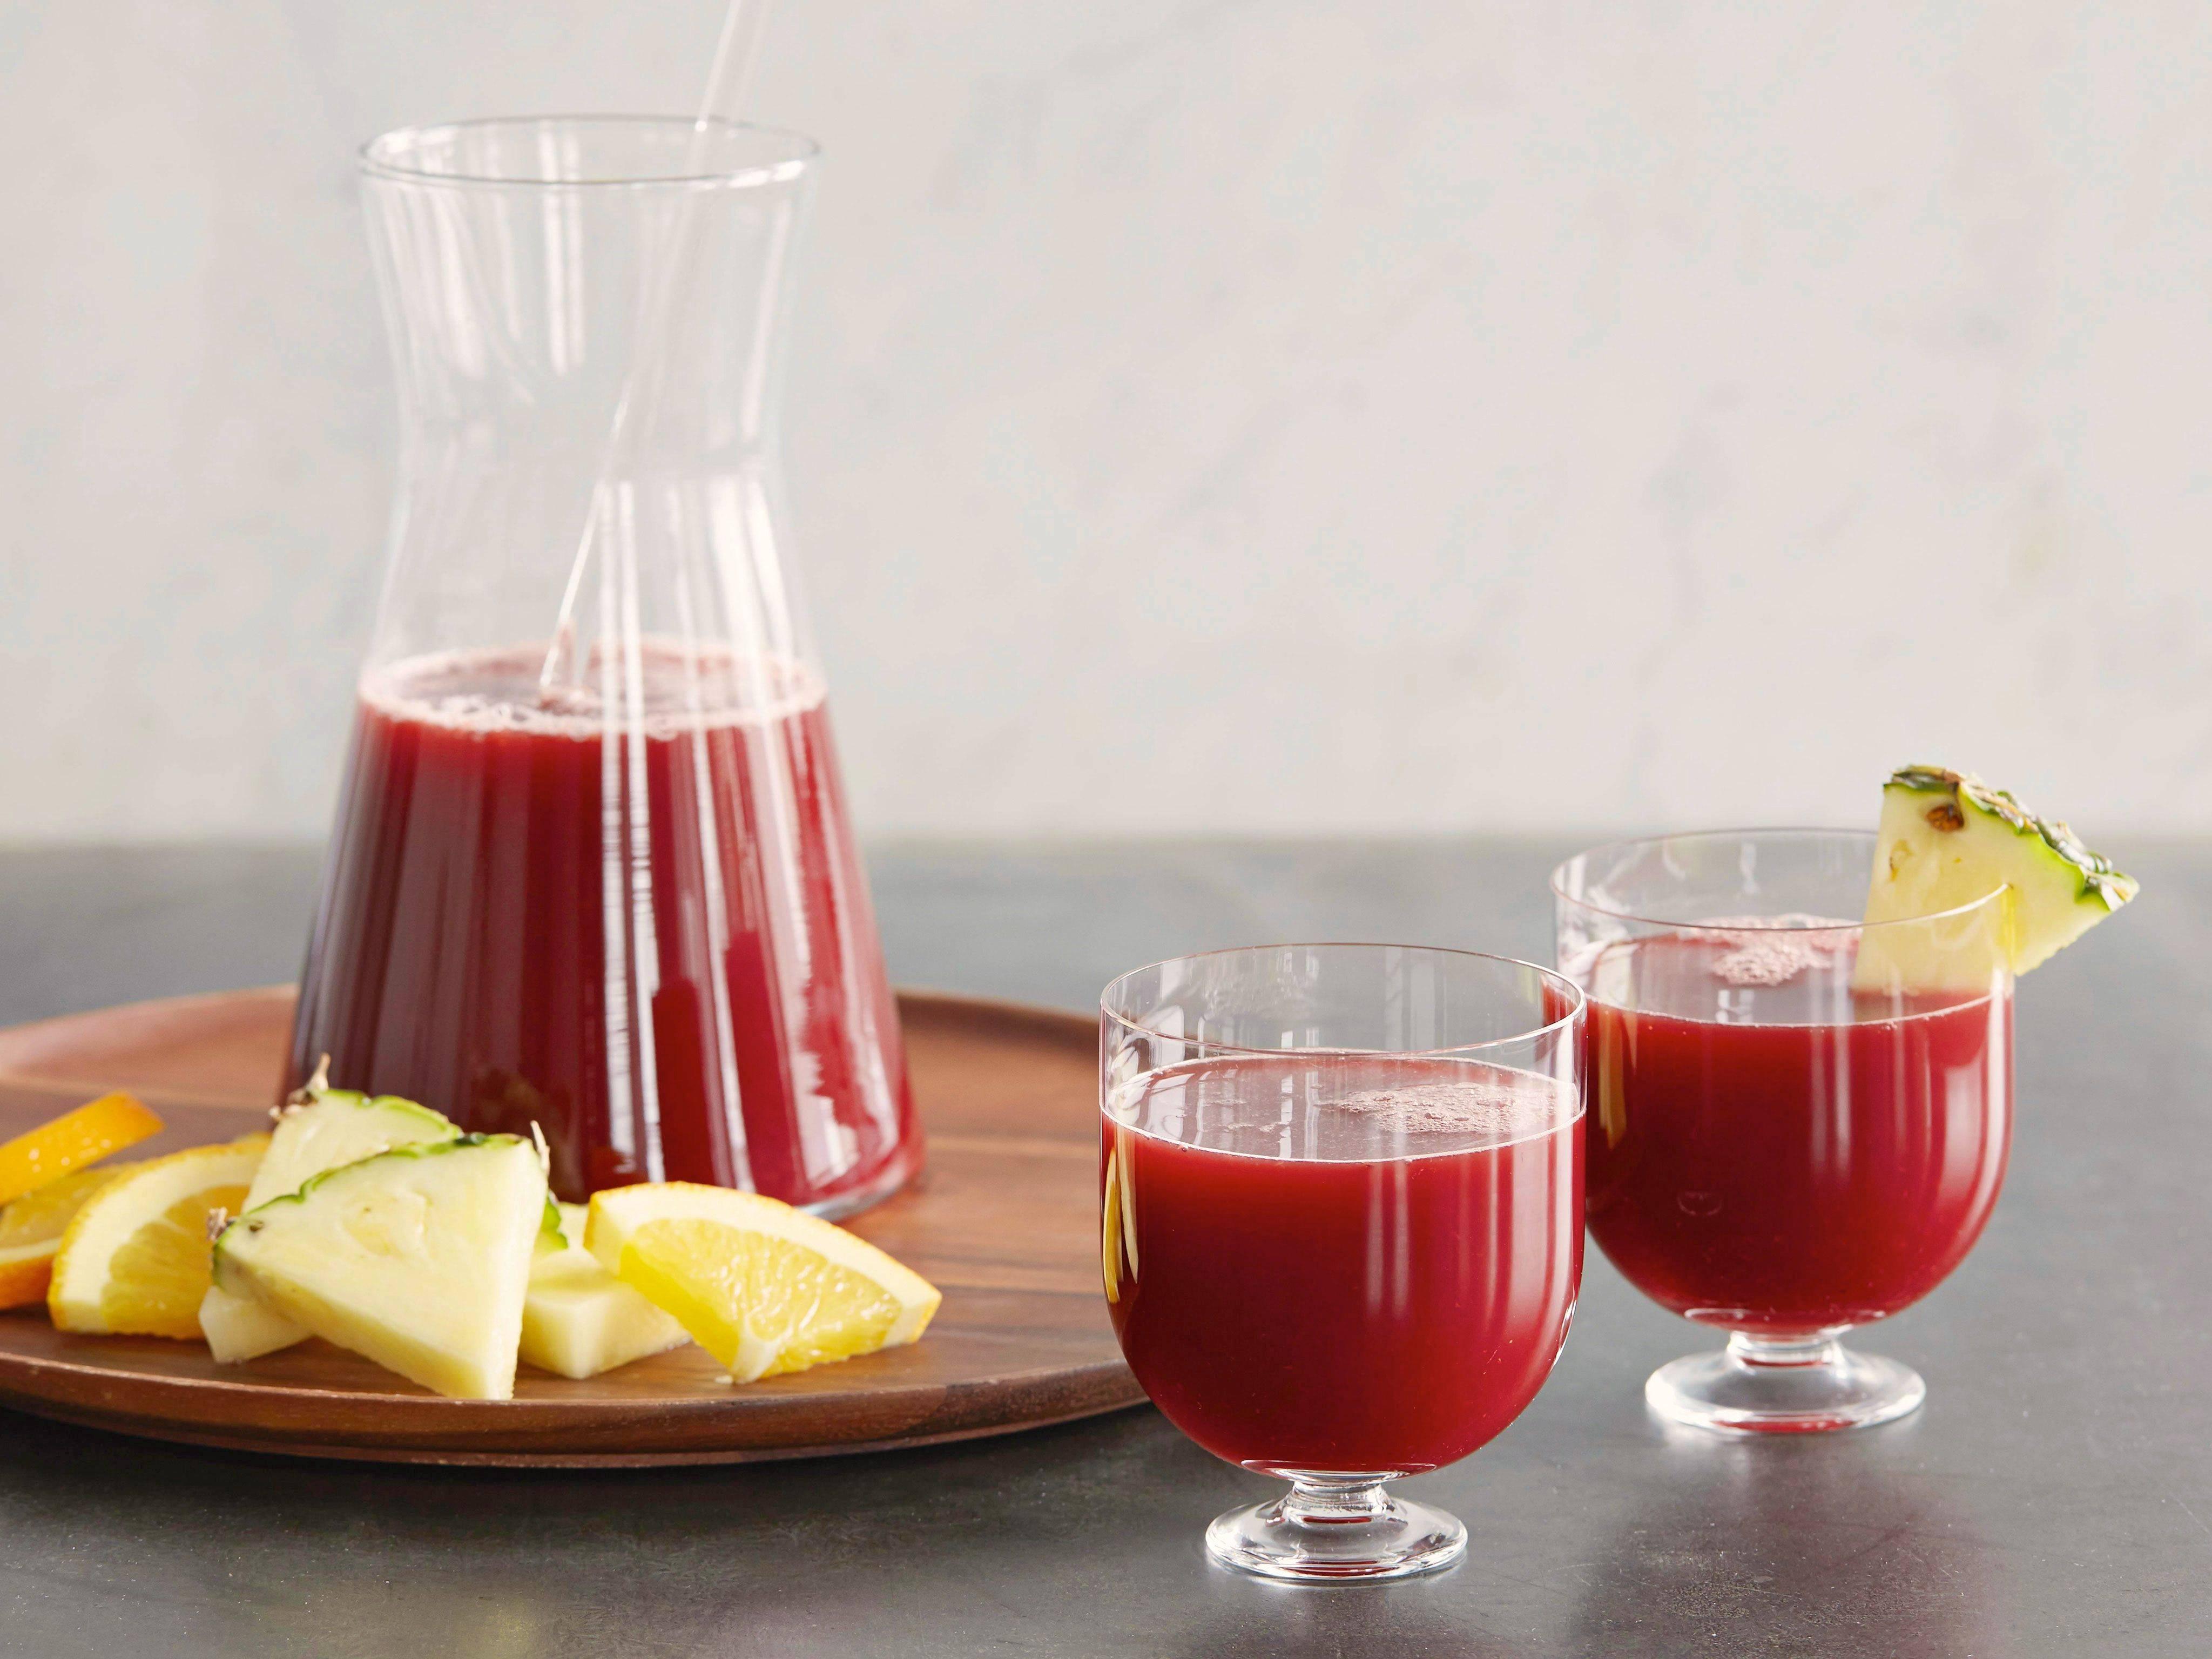 Готовим пунш – рецепт алкогольной и безалкогольной разновидности напитка. пунш. рецепты приготовления в домашних условиях